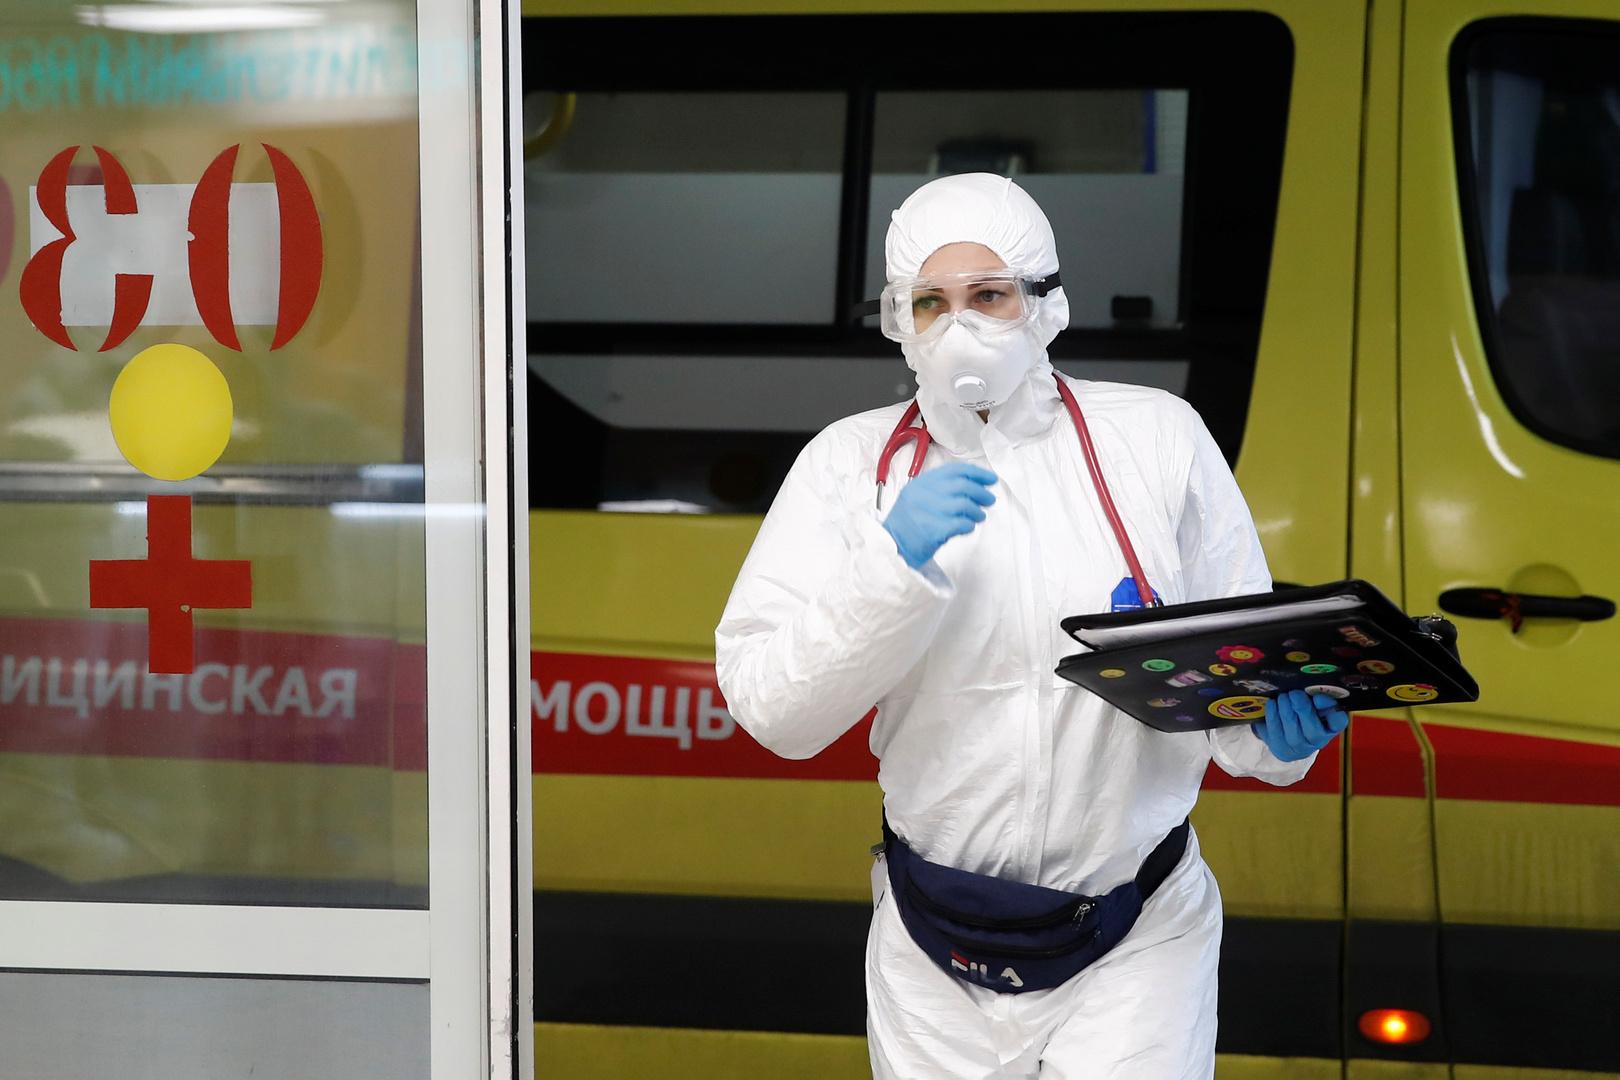 روسيا تسجل استقرارا في الوضع الوبائي المتعلق بكورونا في الأسابيع الأخيرة